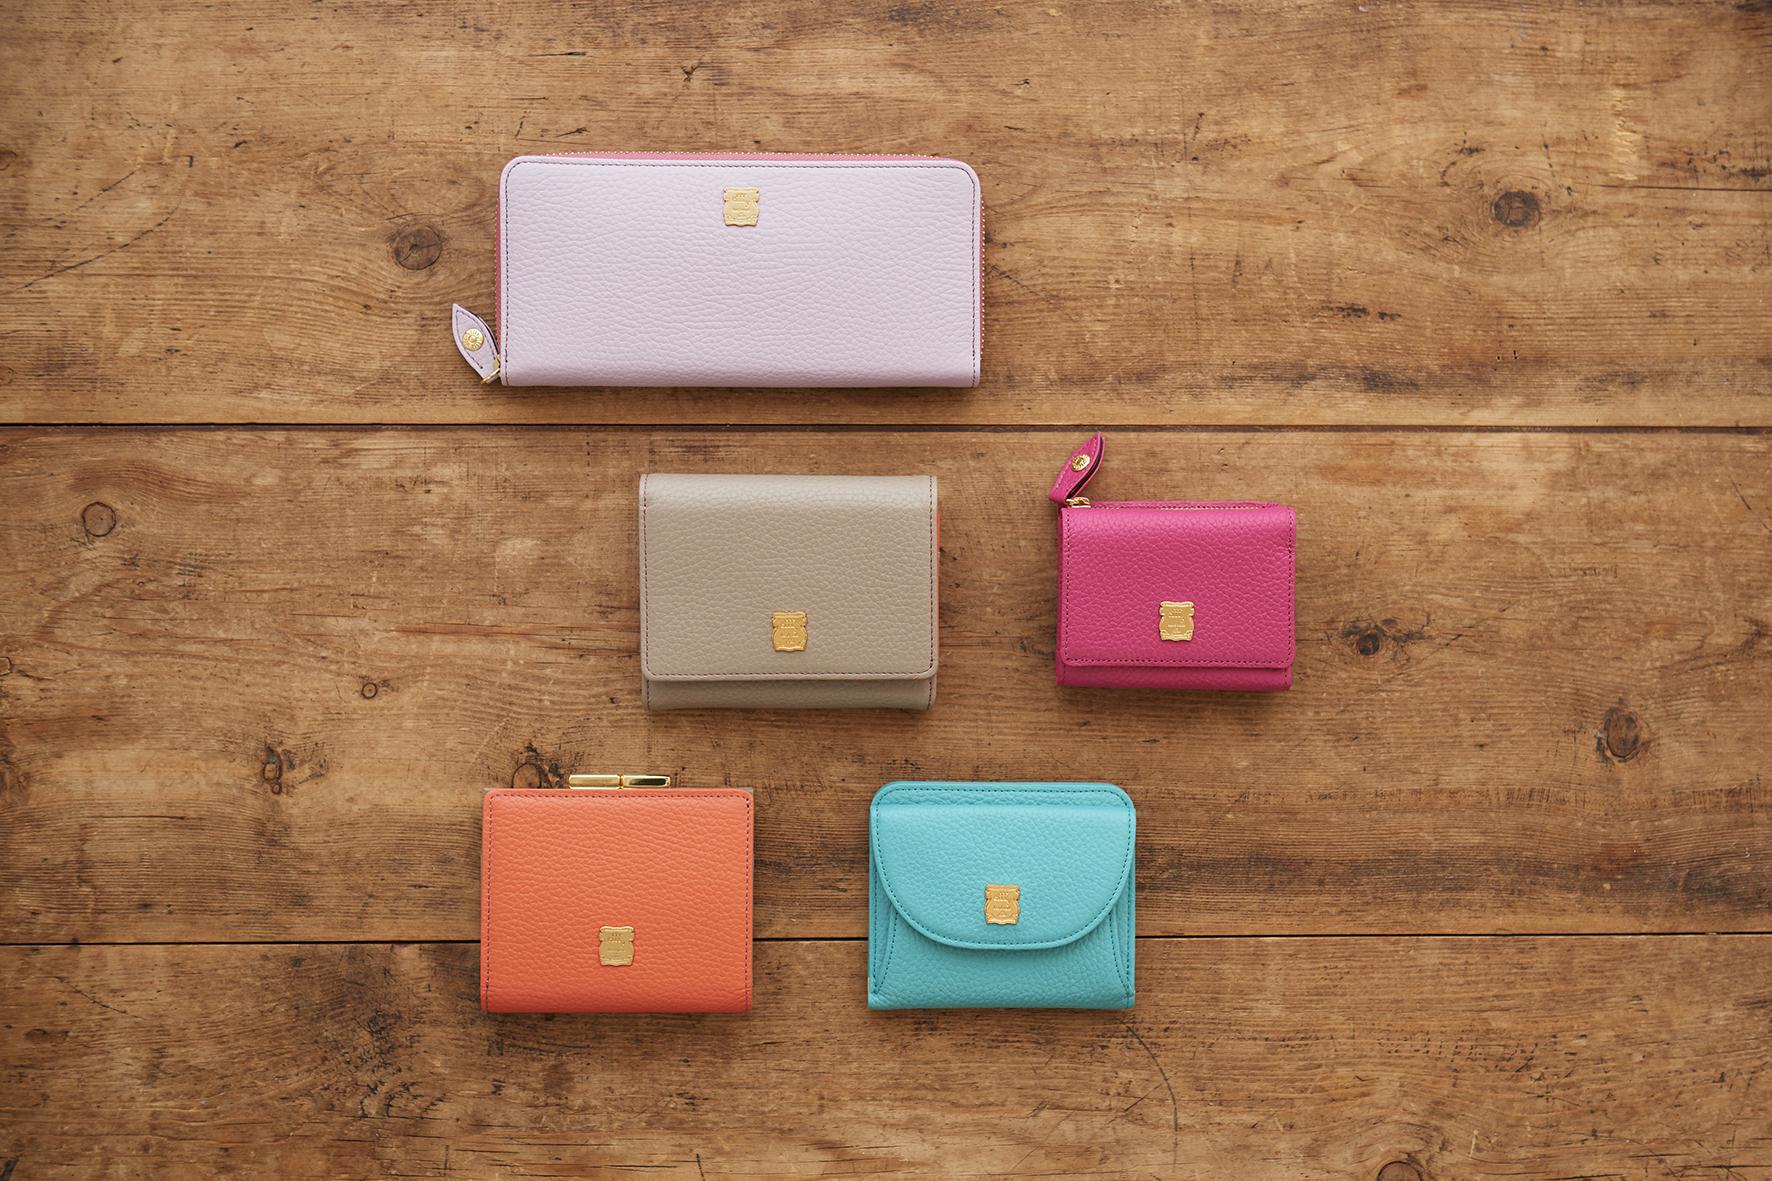 【2021年版】母の日に財布をプレゼント!おすすめの財布の色や選び方を紹介します。